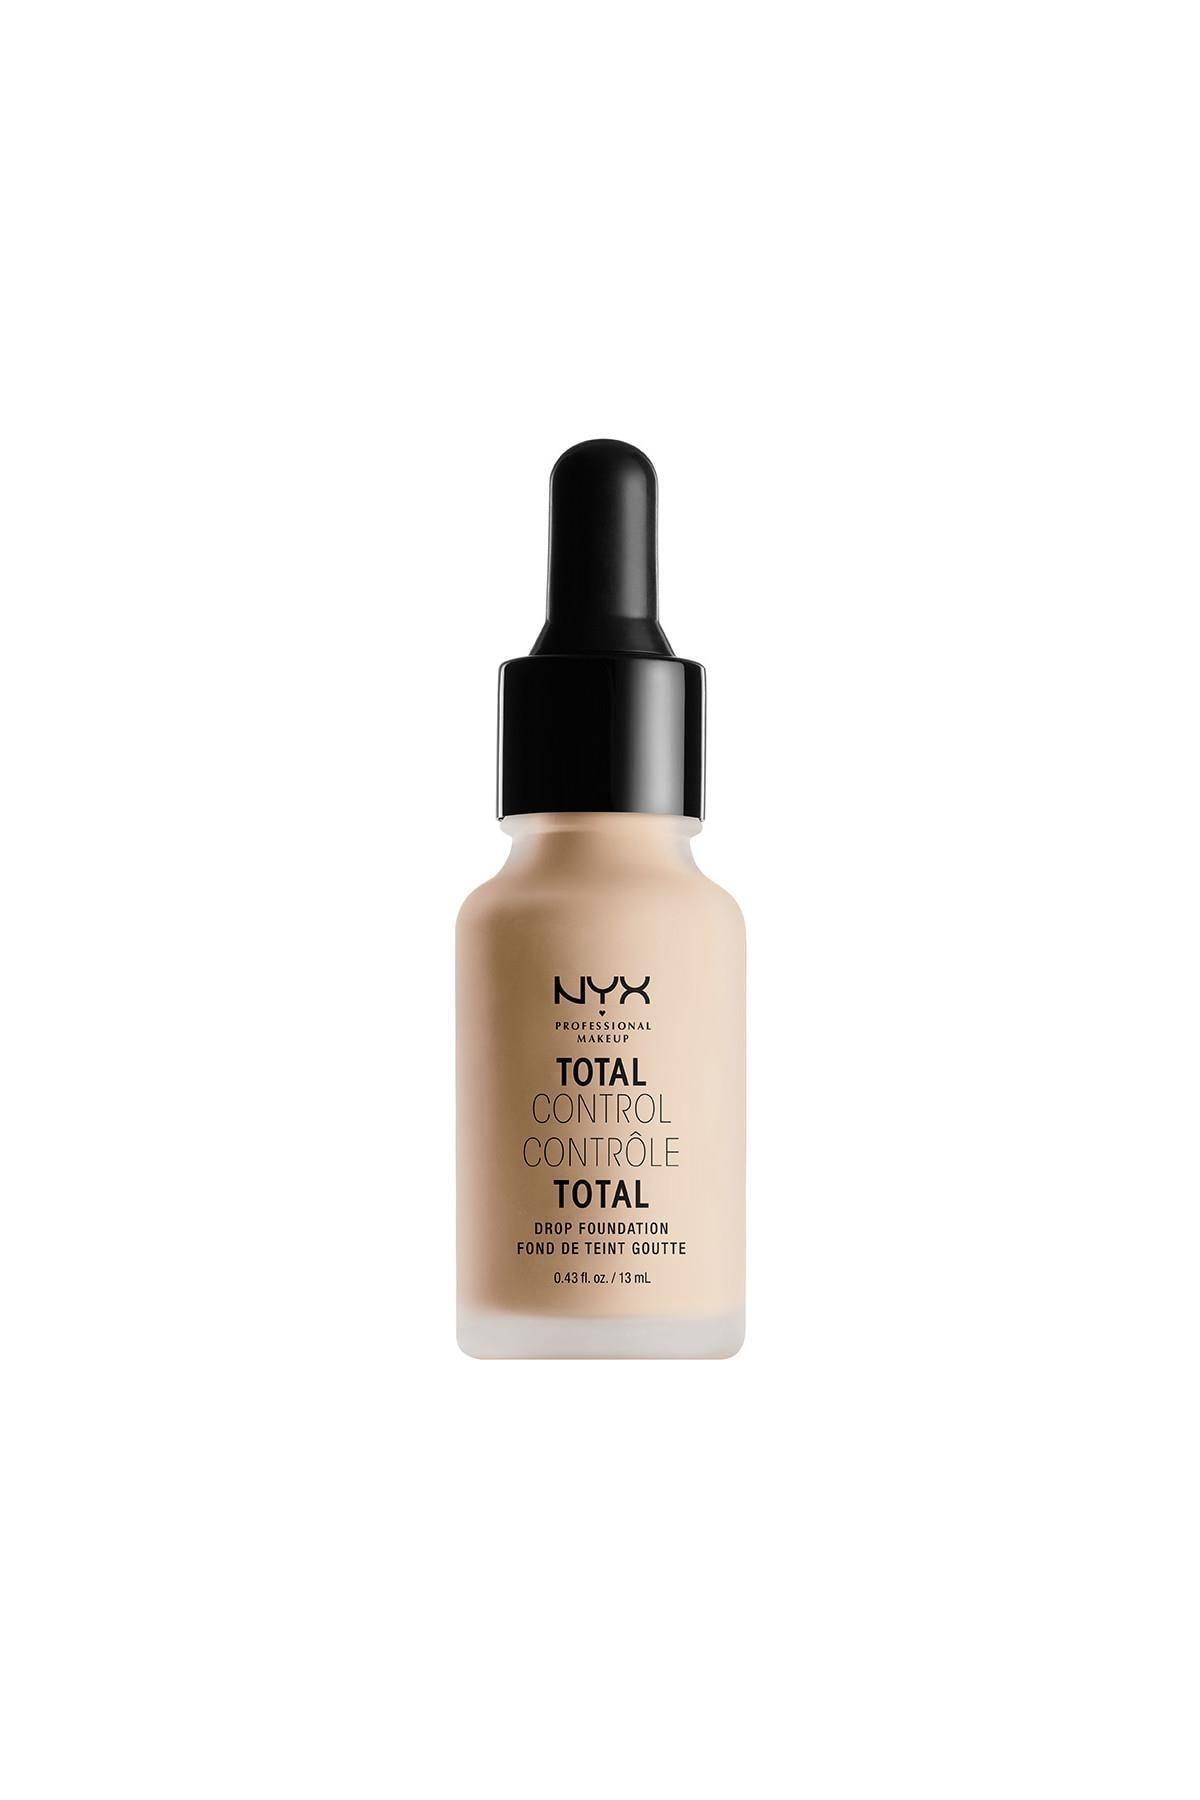 NYX Professional Makeup Mat Fondöten - Total Control Drop Foundation Vanilla 800897068790 0